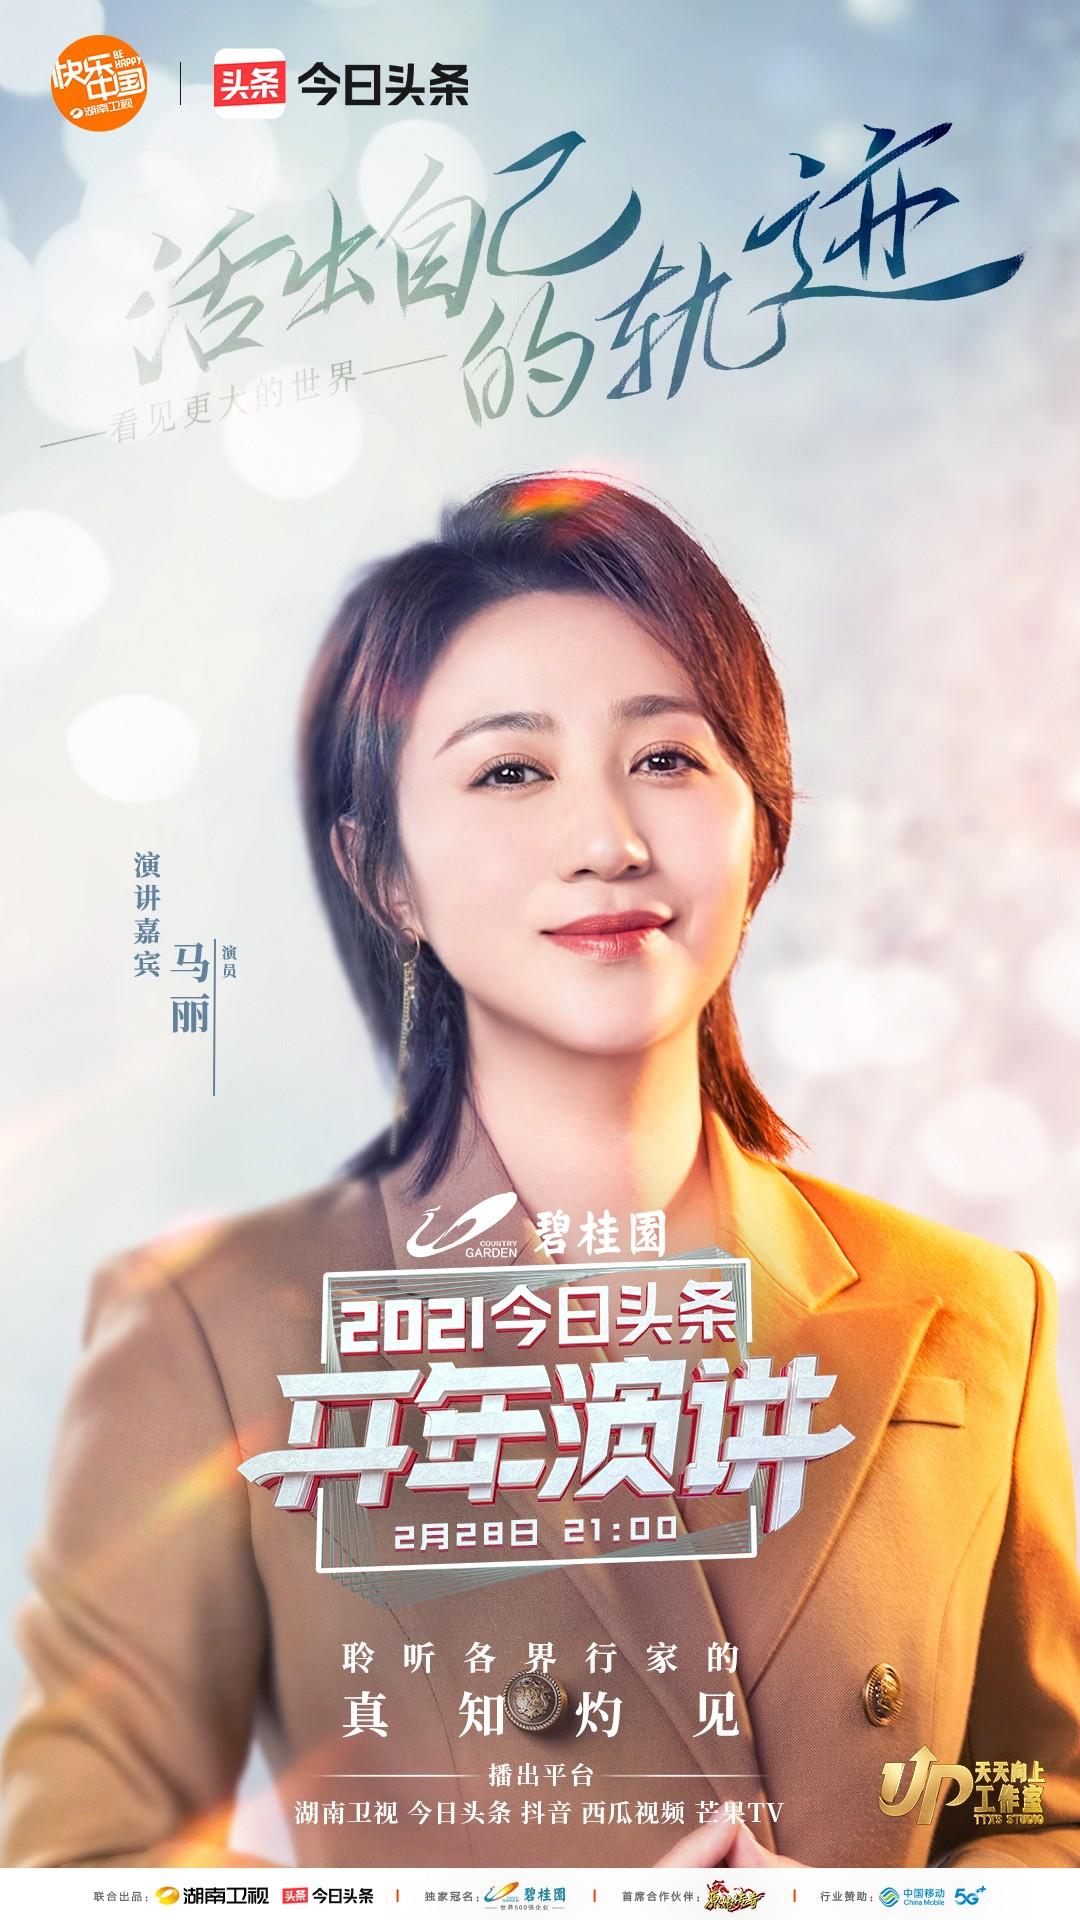 马丽-头条+快乐logo.jpg